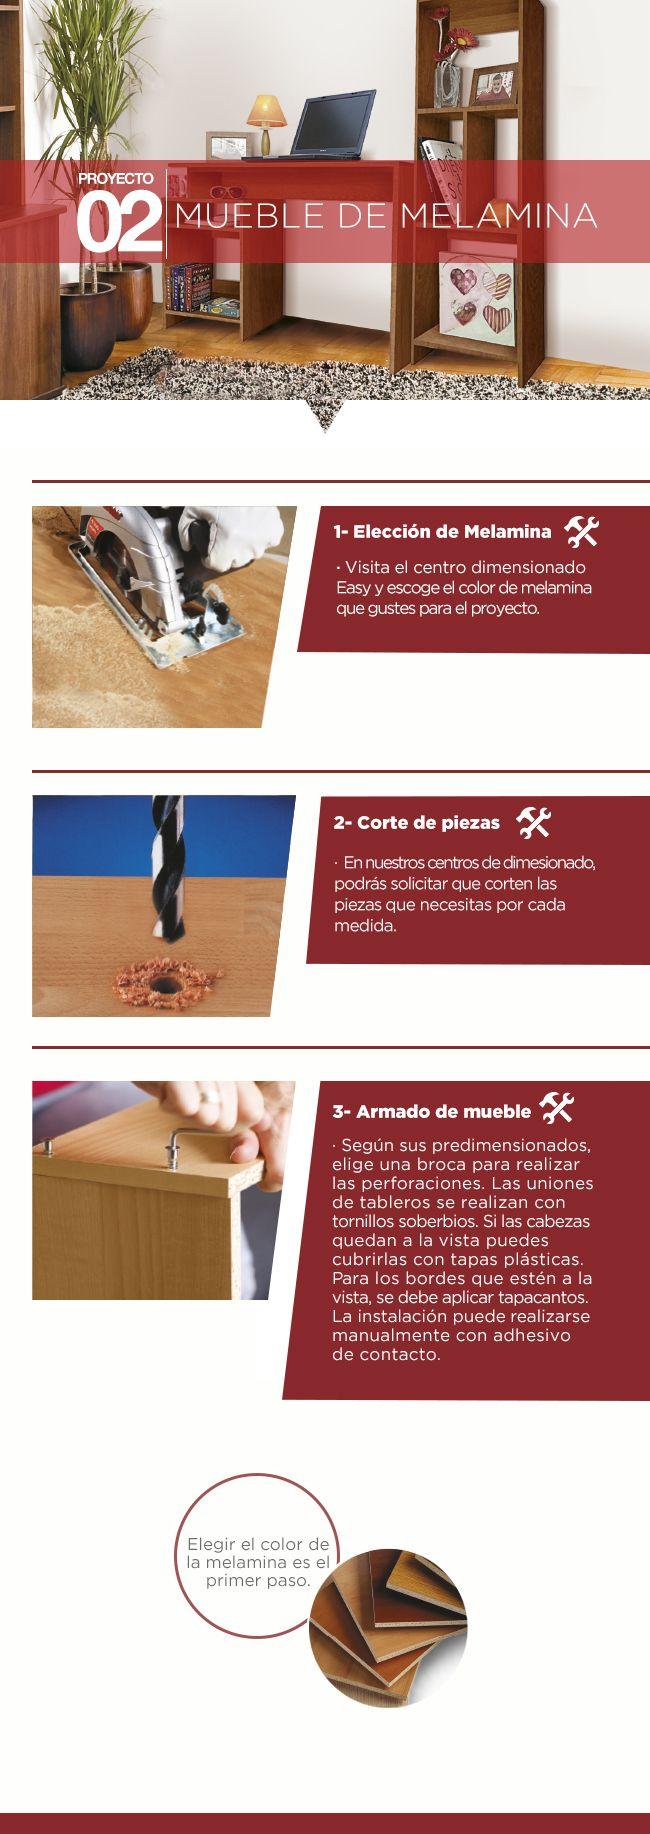 #Muebles #Menamina #Terminaciones #Consejos #Proyectos #Easy